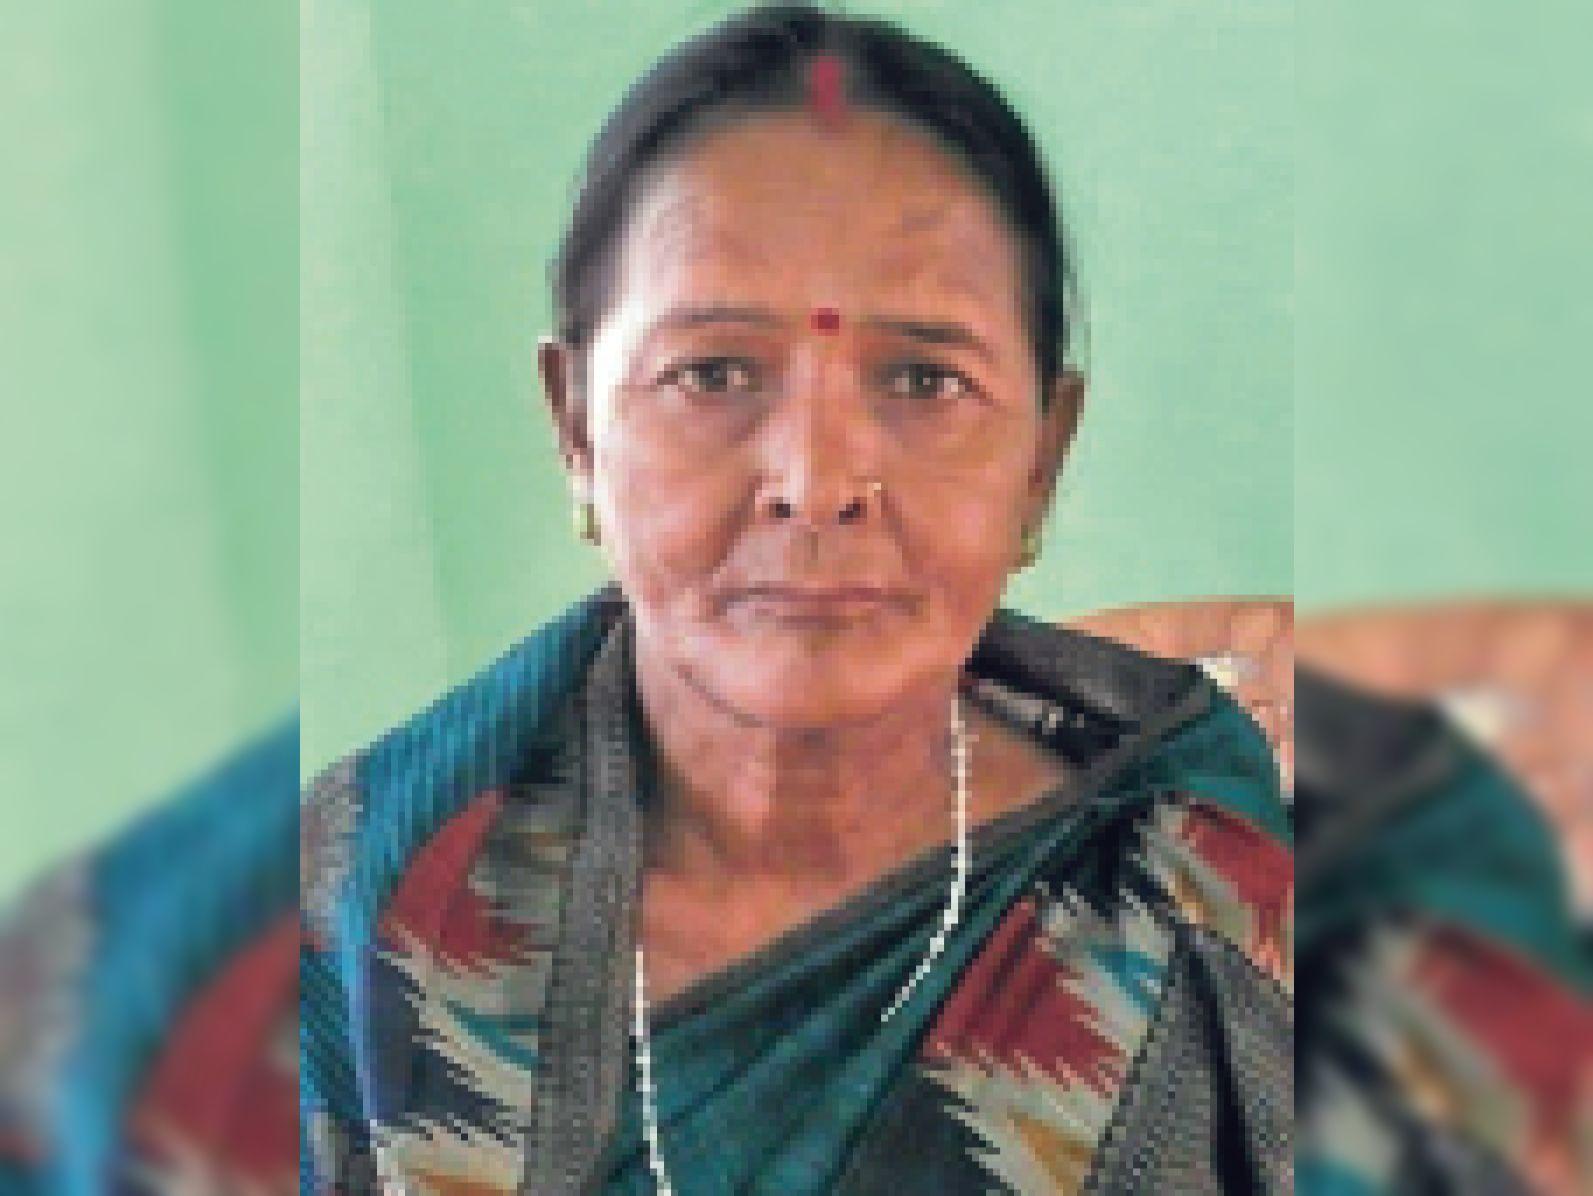 डायन बिसाही से प्रताड़ित 125 महिलाओं को न्याय दिलाने वाली सरायकेला की छुटनी को पद्मश्री, ससुराल वालों ने घर से निकाला तो छेड़ी जंग जमशेदपुर,Jamshedpur - Dainik Bhaskar